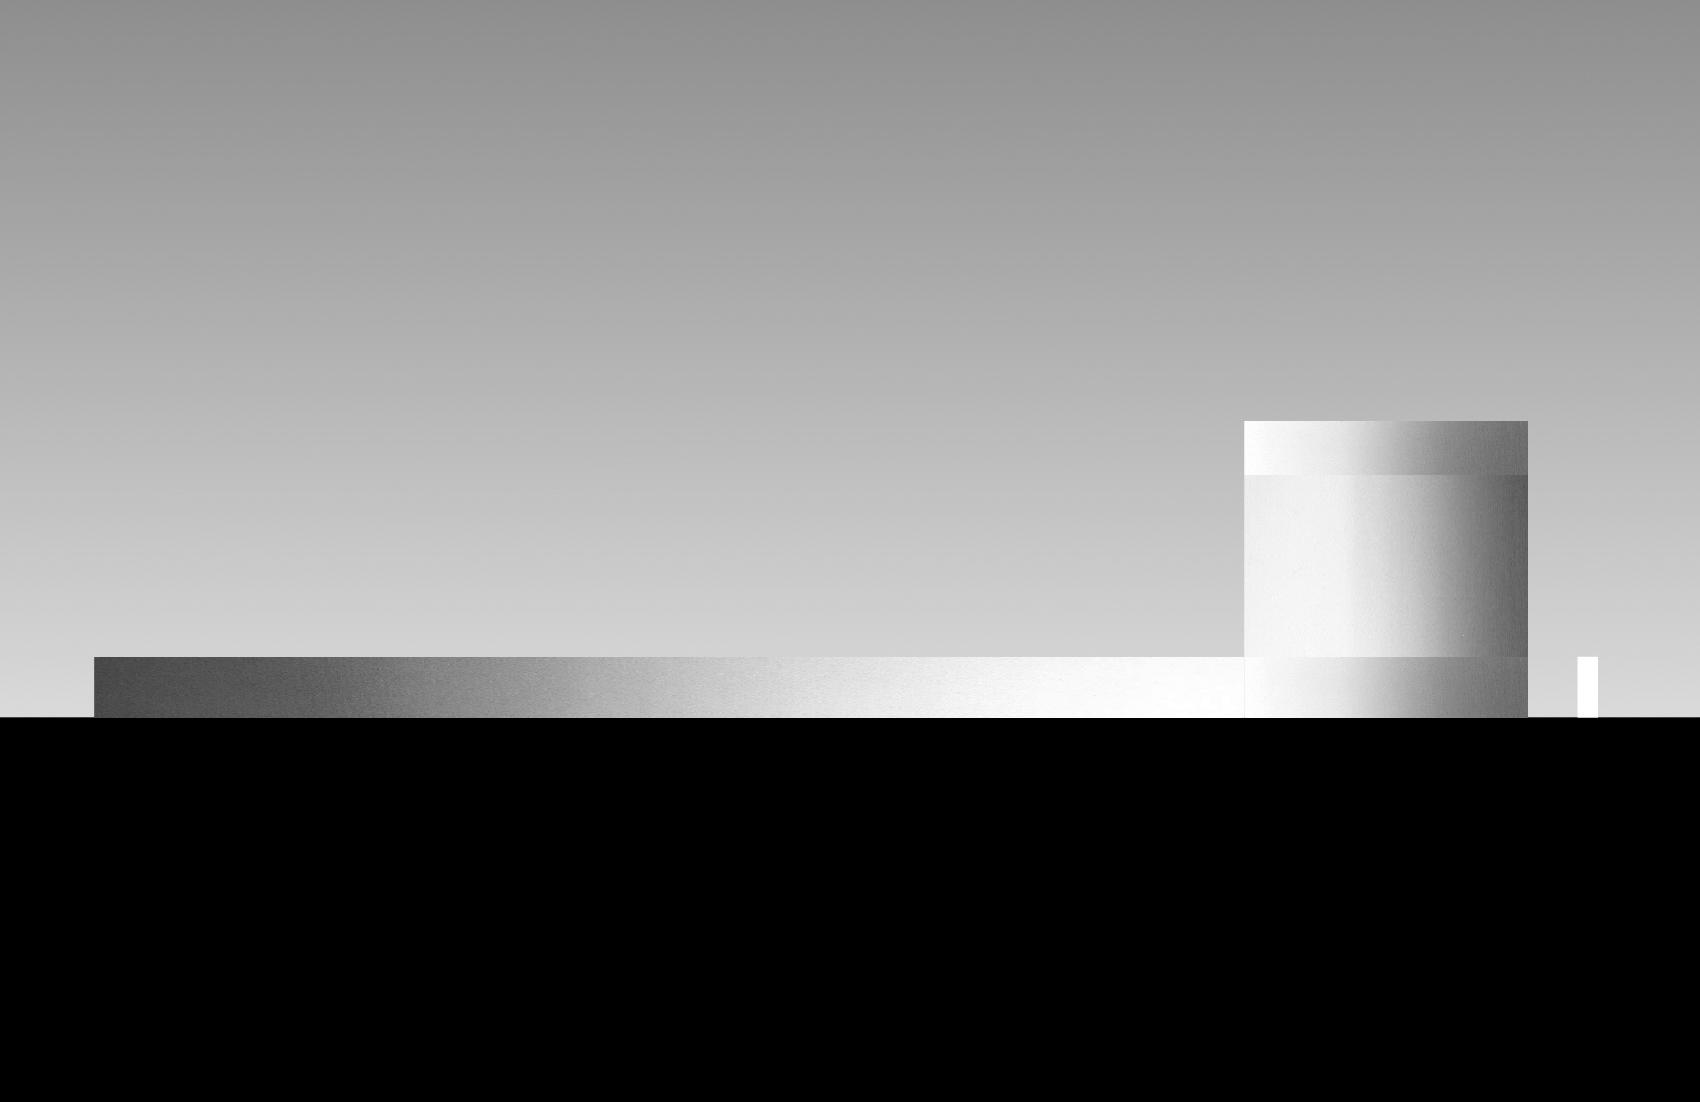 sugimoto-facade3.jpg